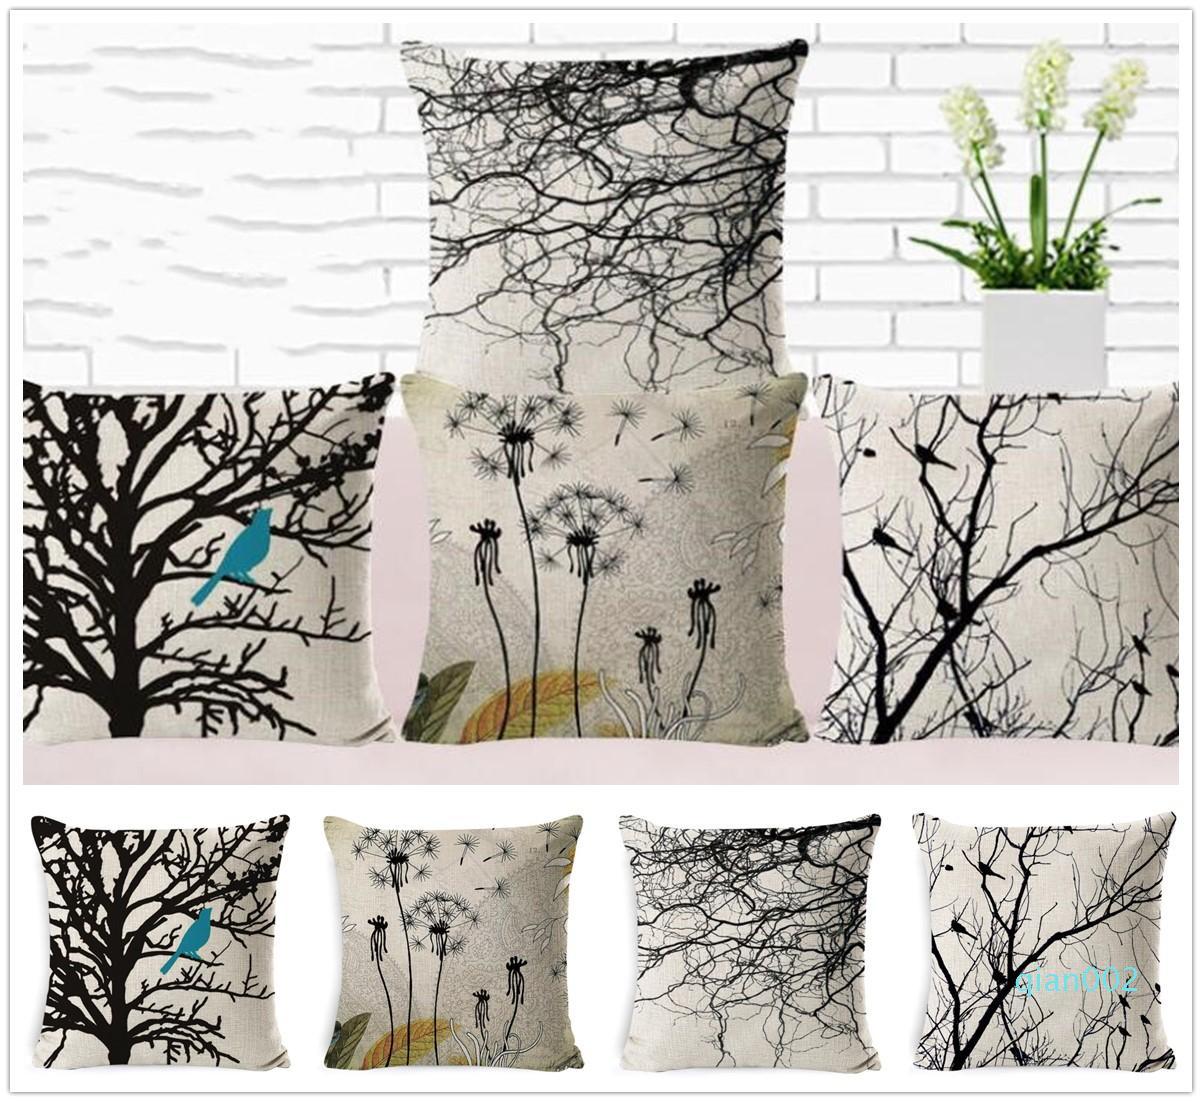 New Vintage Preto árvores mortas Padrão fronha de almofada Presentes Tampa Home Bed Decoração frete grátis